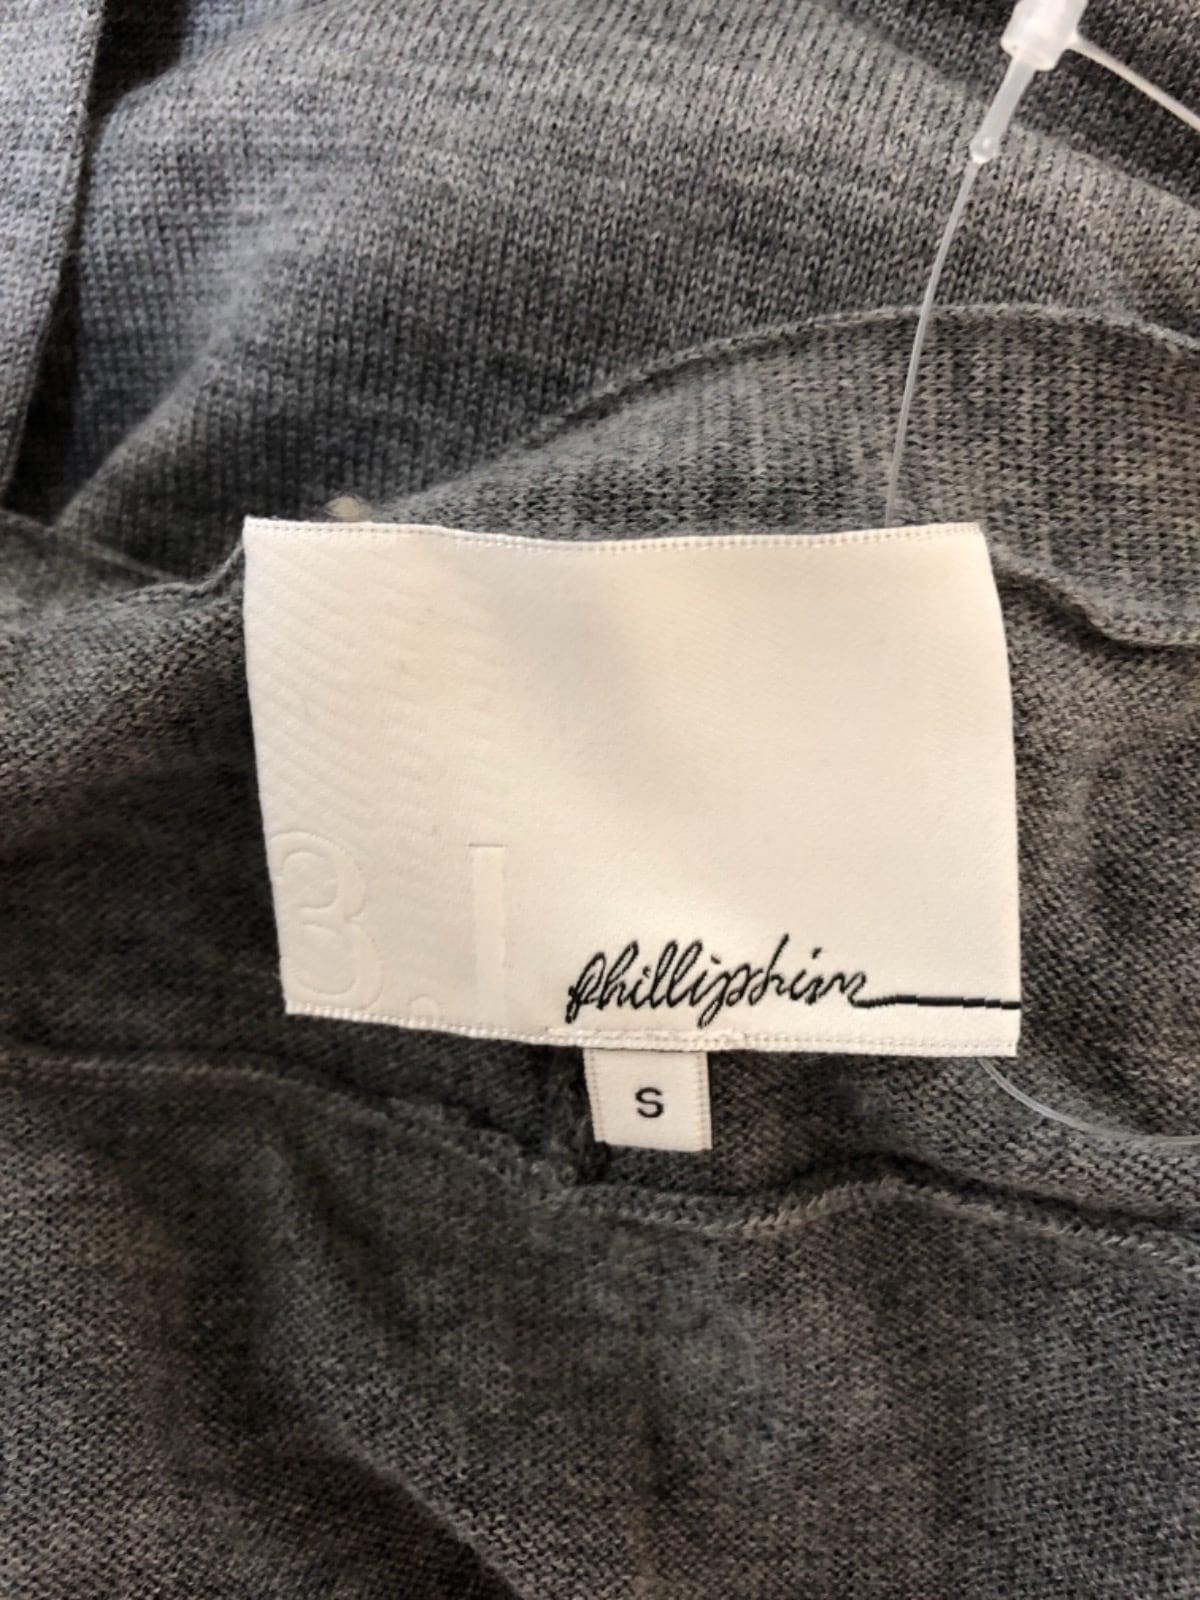 3.1 Phillip lim(スリーワンフィリップリム)のカーディガン